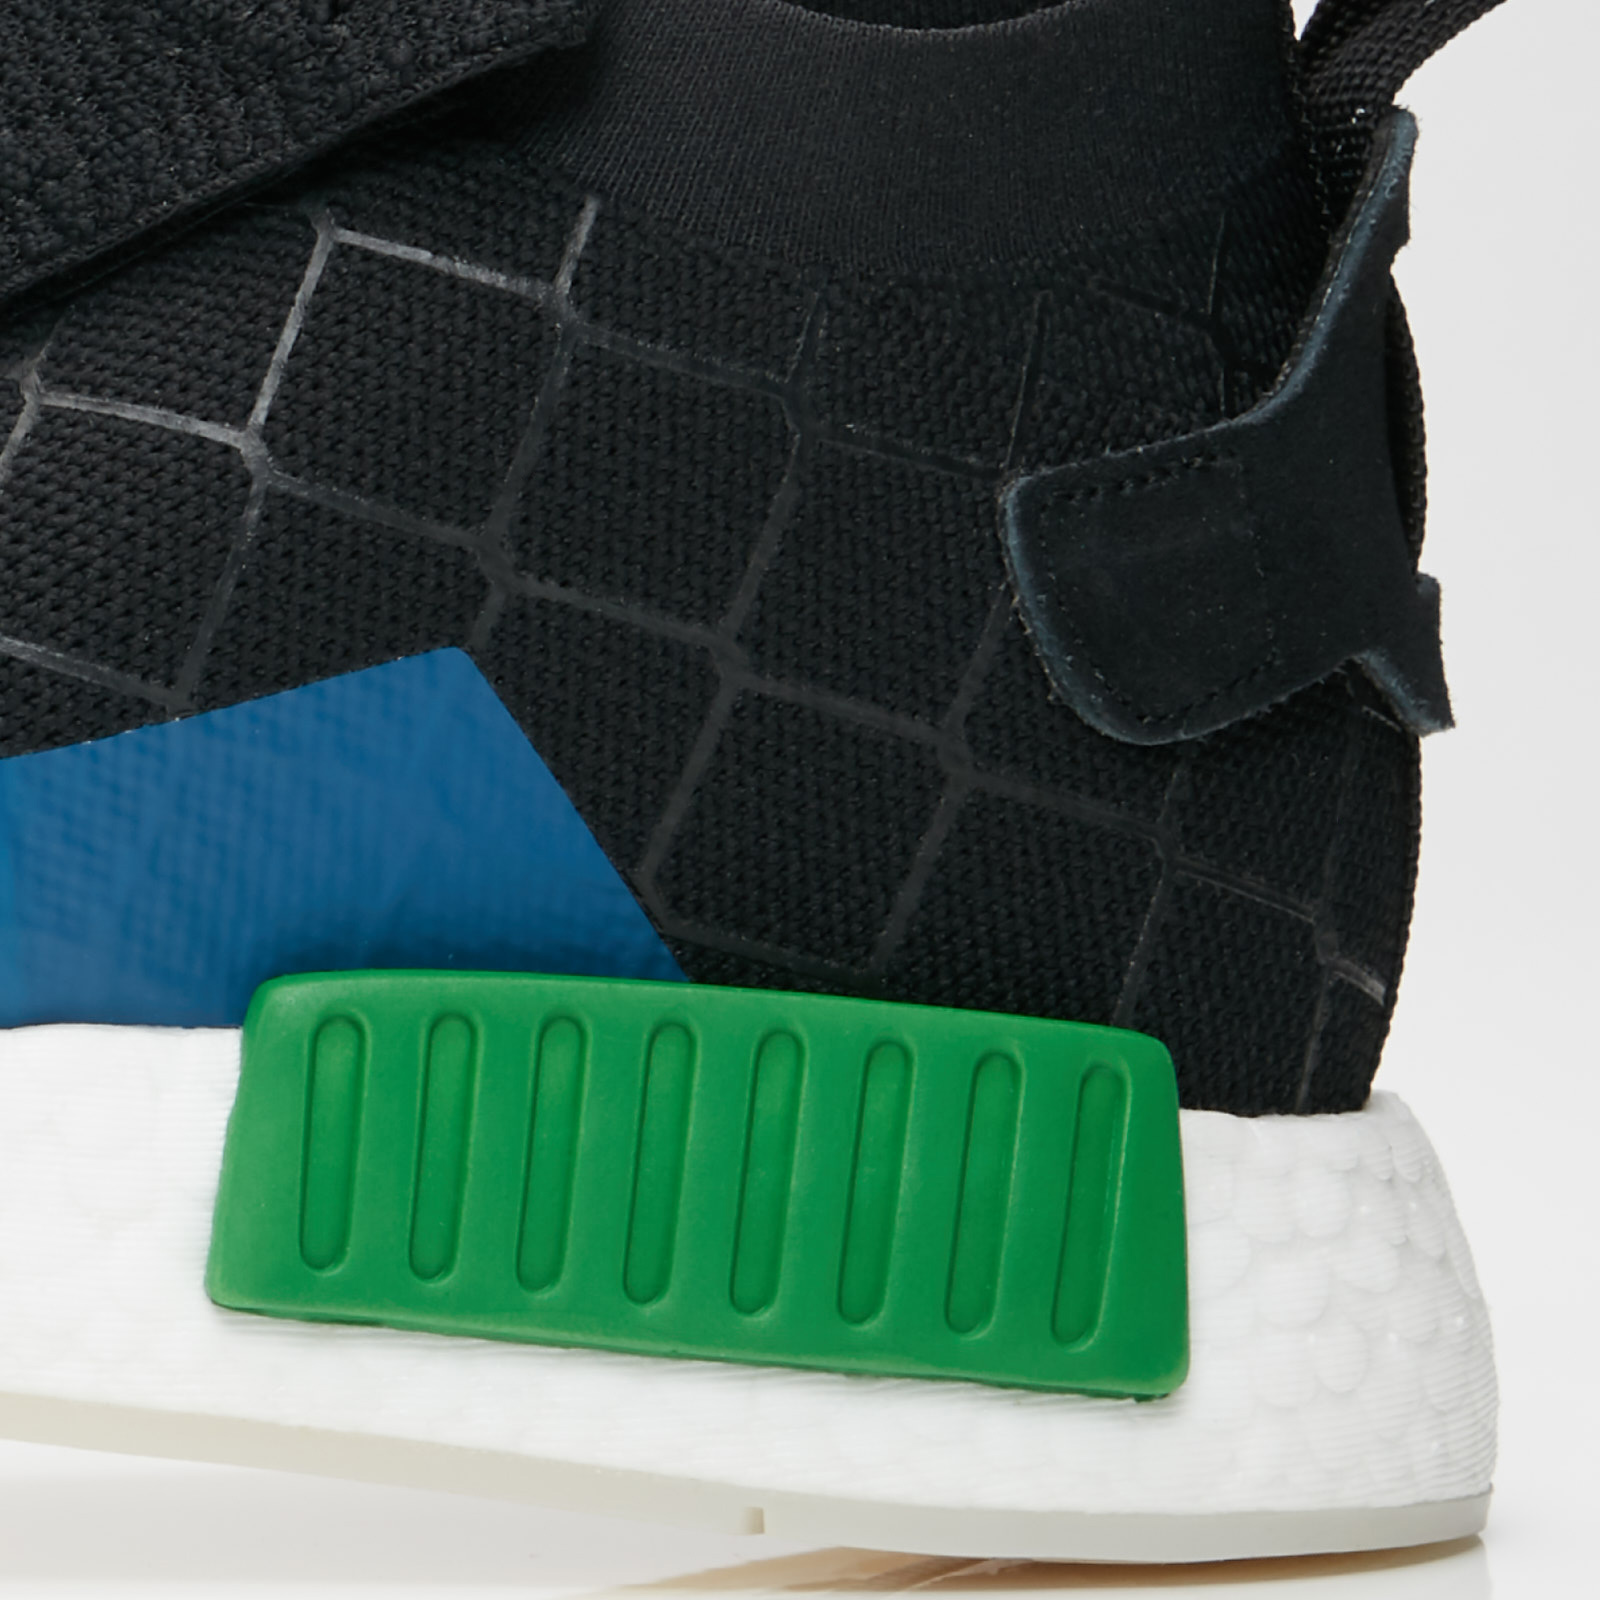 c61f1fbd74d9e adidas NMD R1 STLT MITA - Bc0333 - Sneakersnstuff